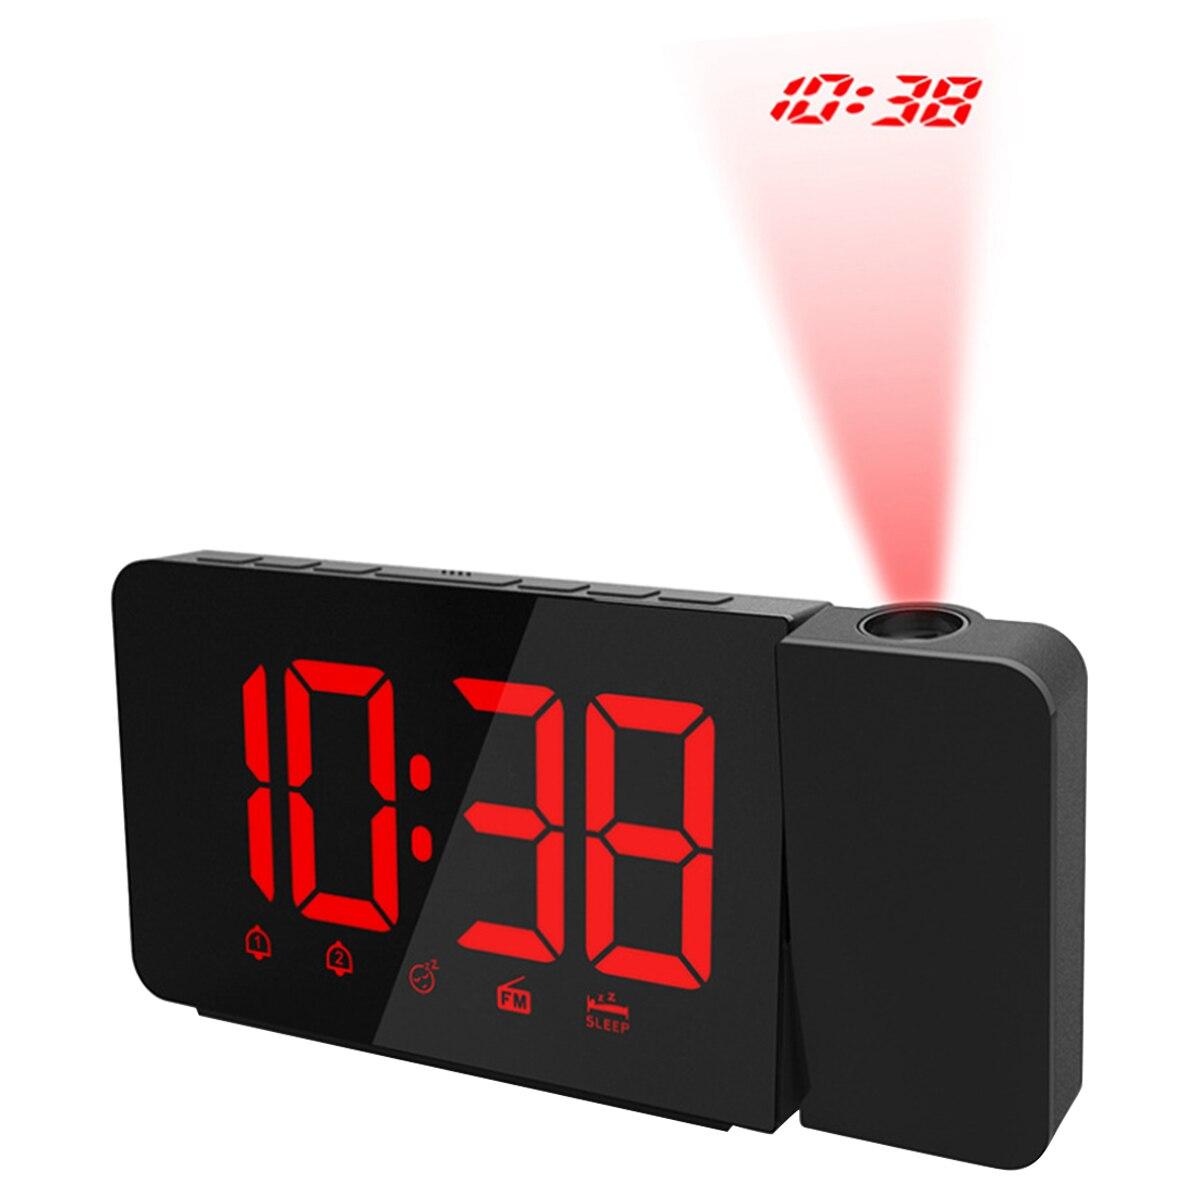 2 couleurs Radio numérique LED Projection réveil numérique avec variateur Radio FM réveil fonction Snooze